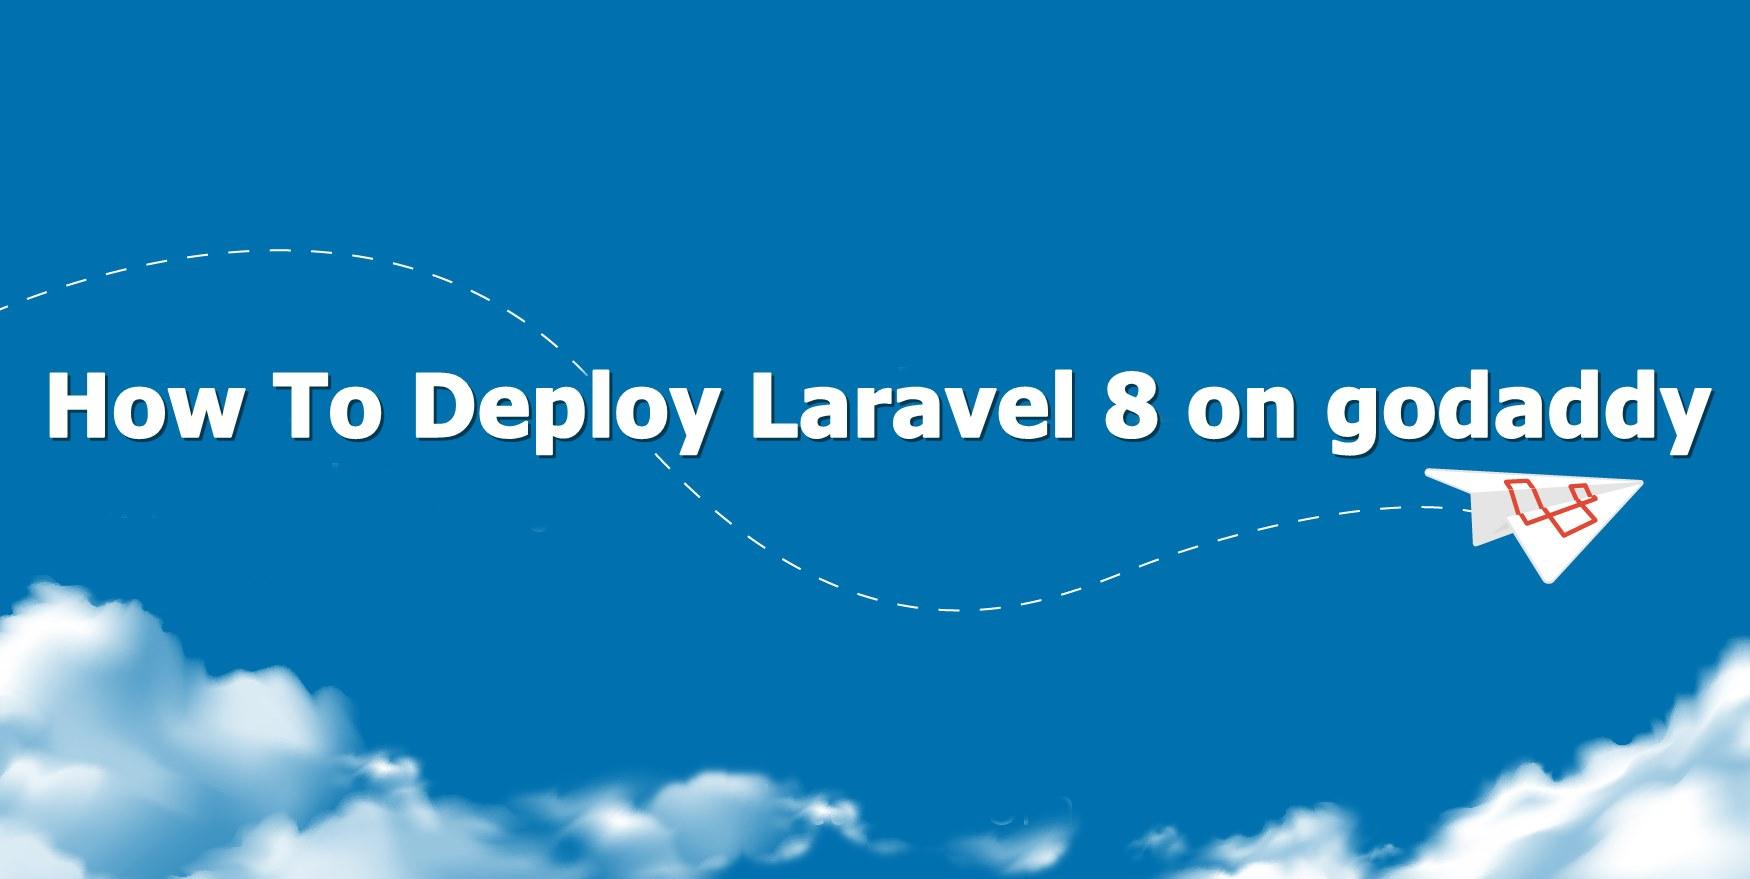 deploy_laravel_on_godaddy